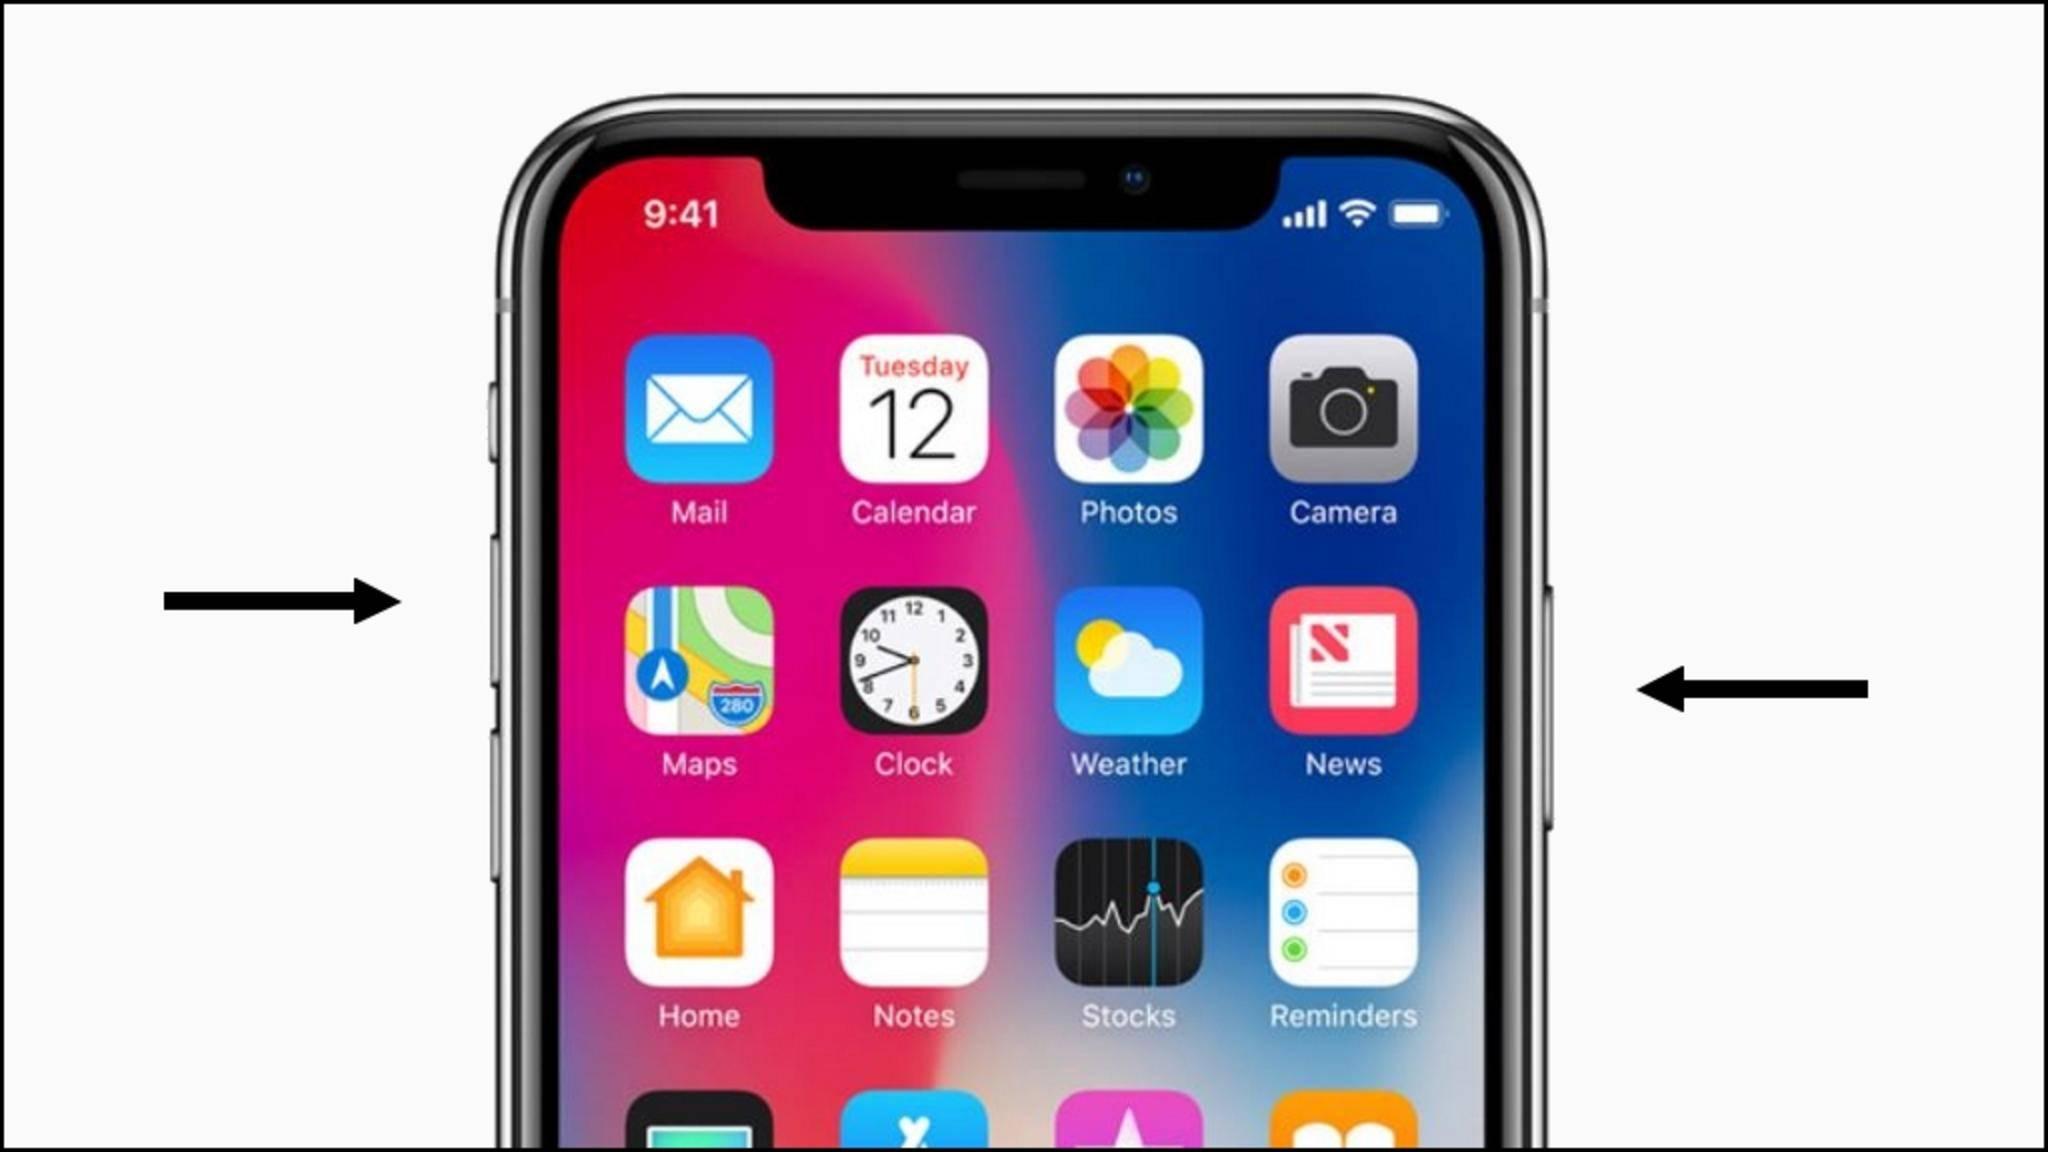 Die Kerbe oben im iPhone-X-Display ist für viele Nutzer ein ärgerlicher Stilbruch.